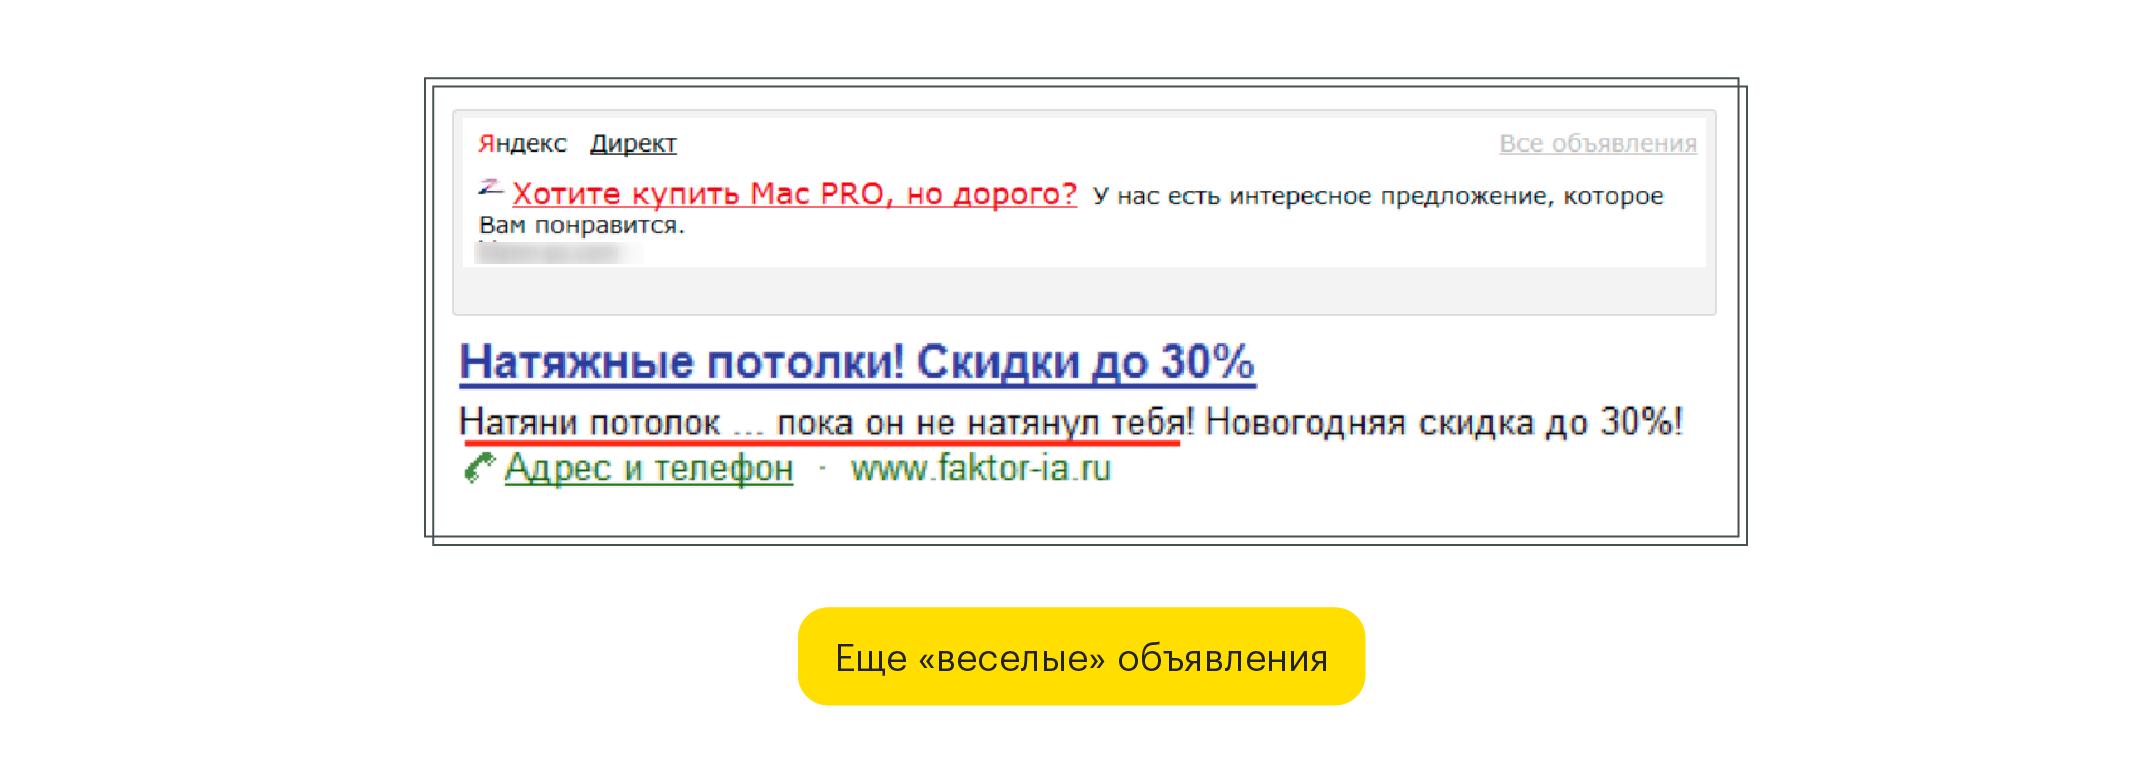 Смешные объявления из Яндекс Директ